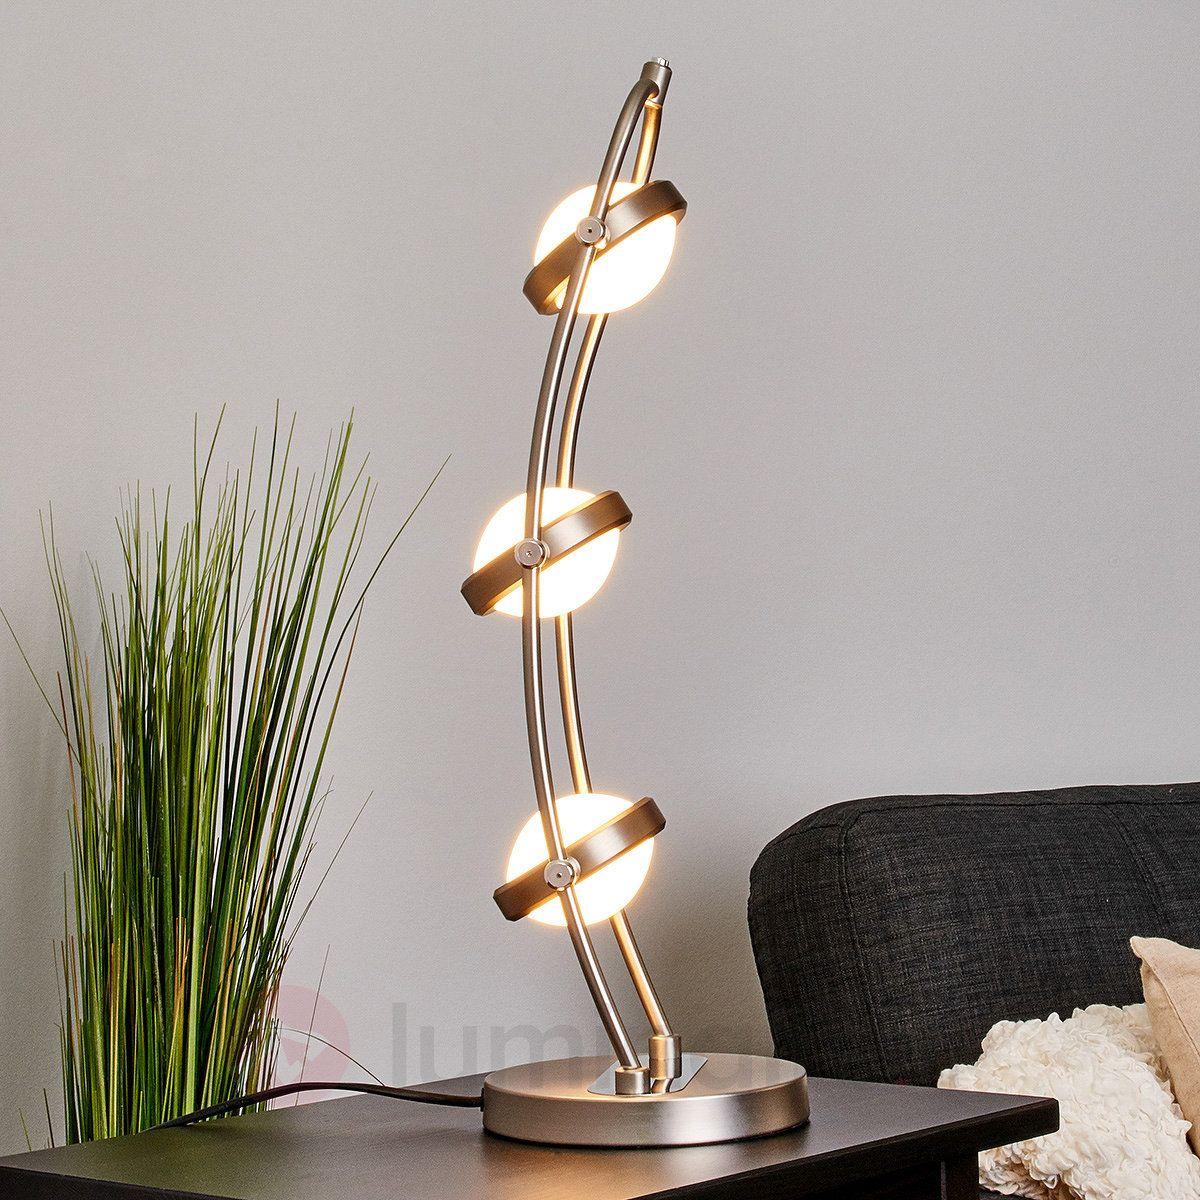 Arquée Led Lampe Manja 3 LampesRéférence 8587005 À Poser BoeCxd